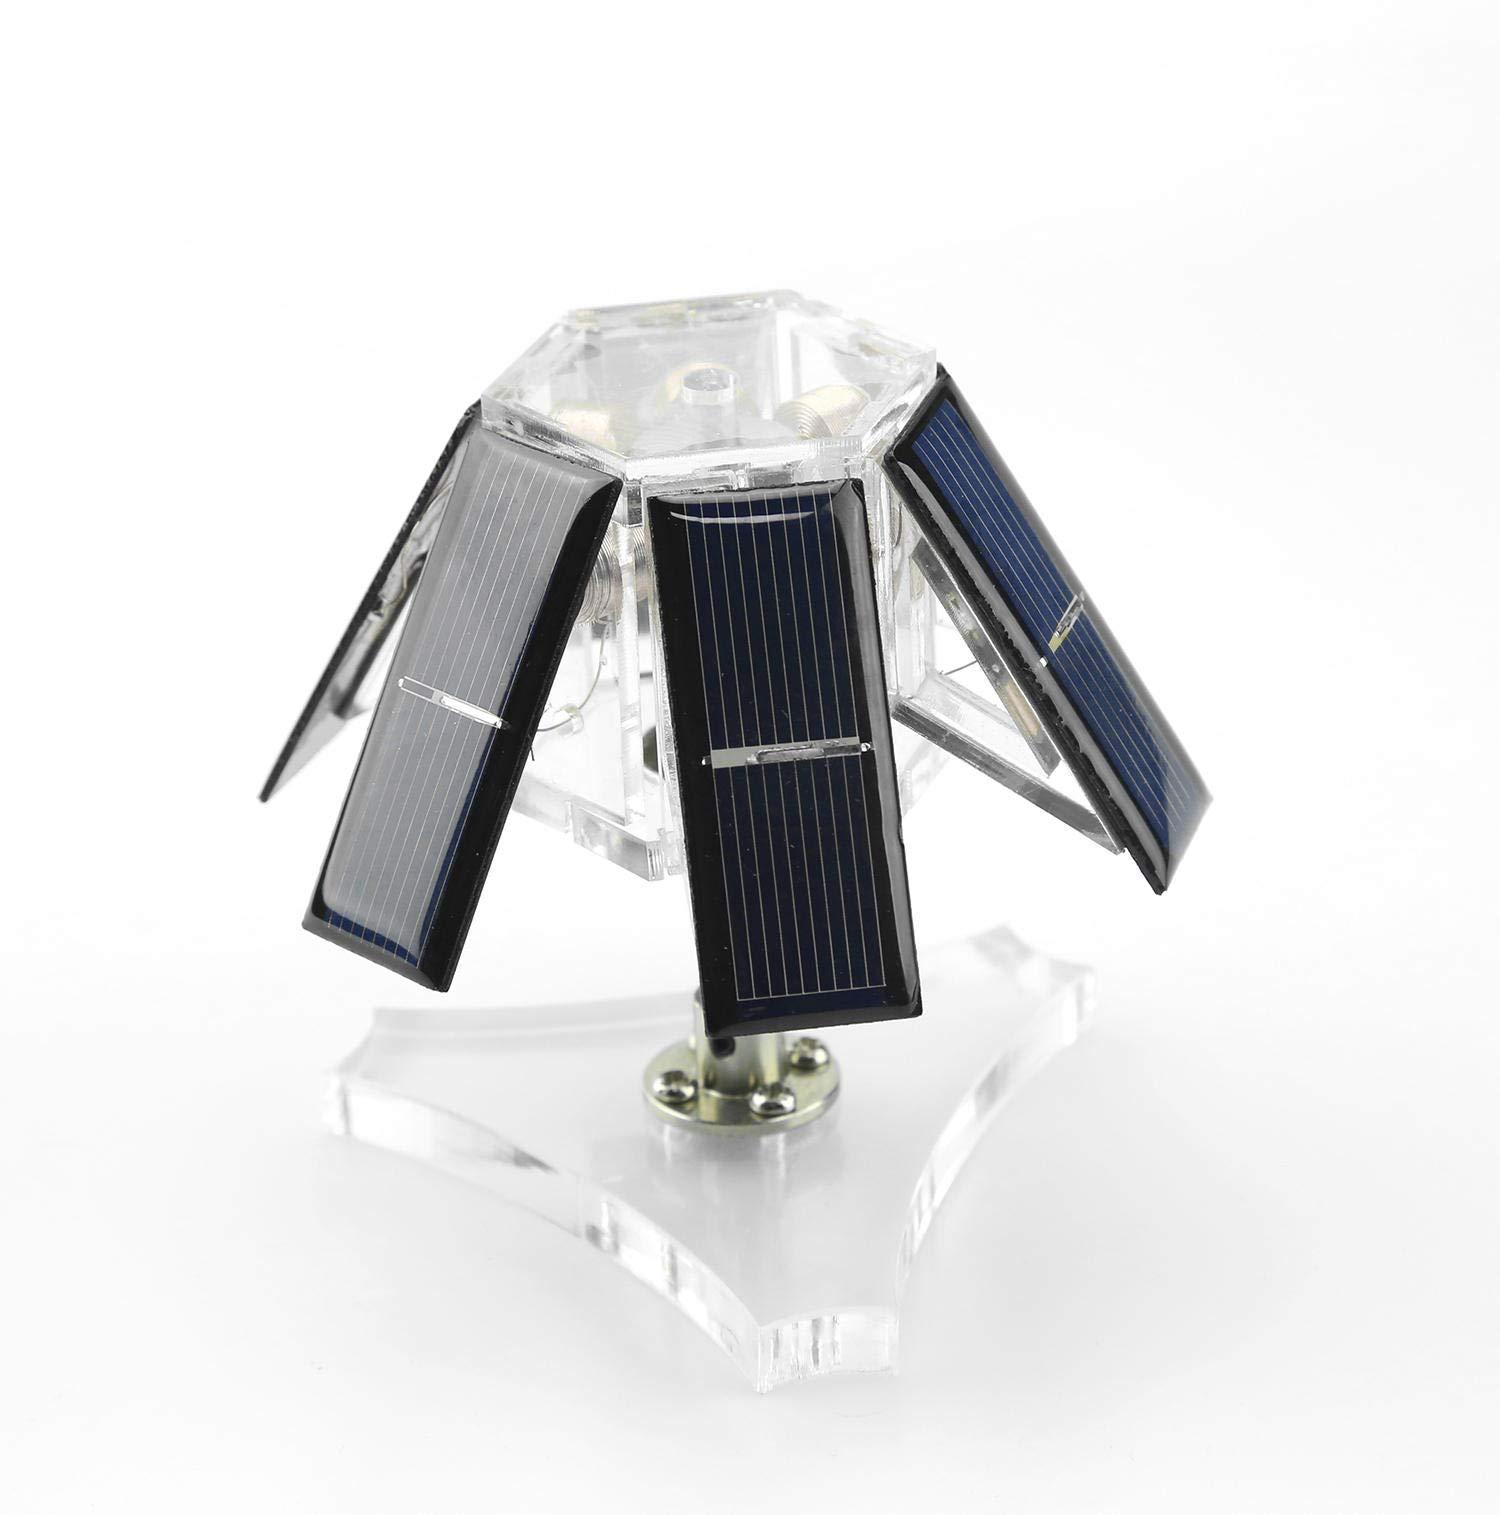 DIY 6 Solar Silicon Wafer Solar Magnetic Levitation Mendocino Motor Steam Stirling Engine Model